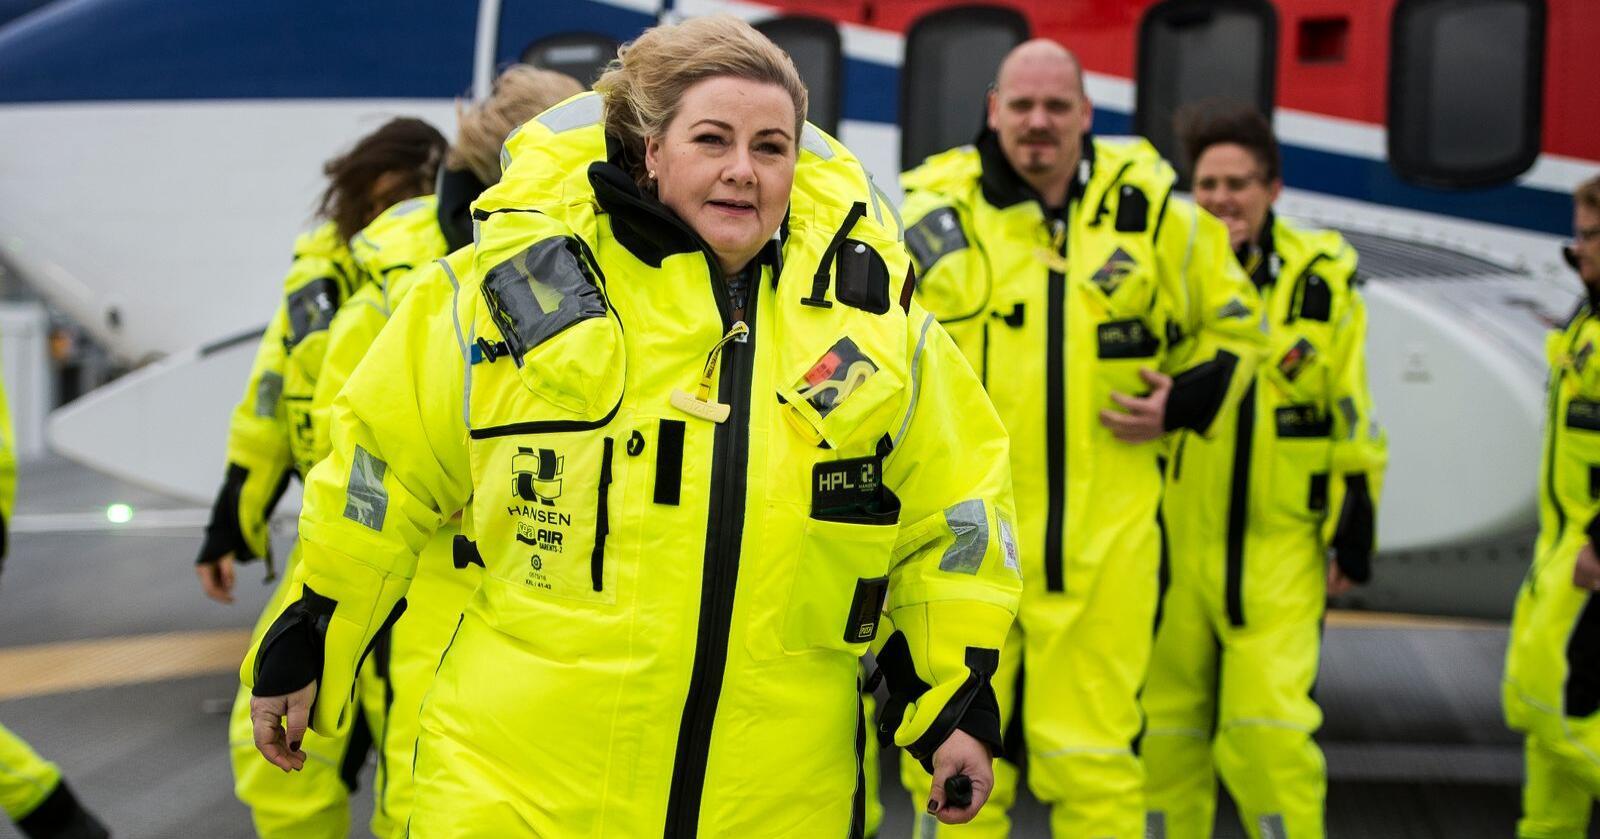 Statsminister Erna Solberg (H) deltok tirsdag under den offisielle åpningen av Johan Sverdrup-feltet i Nordsjøen. Foto: Carina Johansen / NTB scanpix